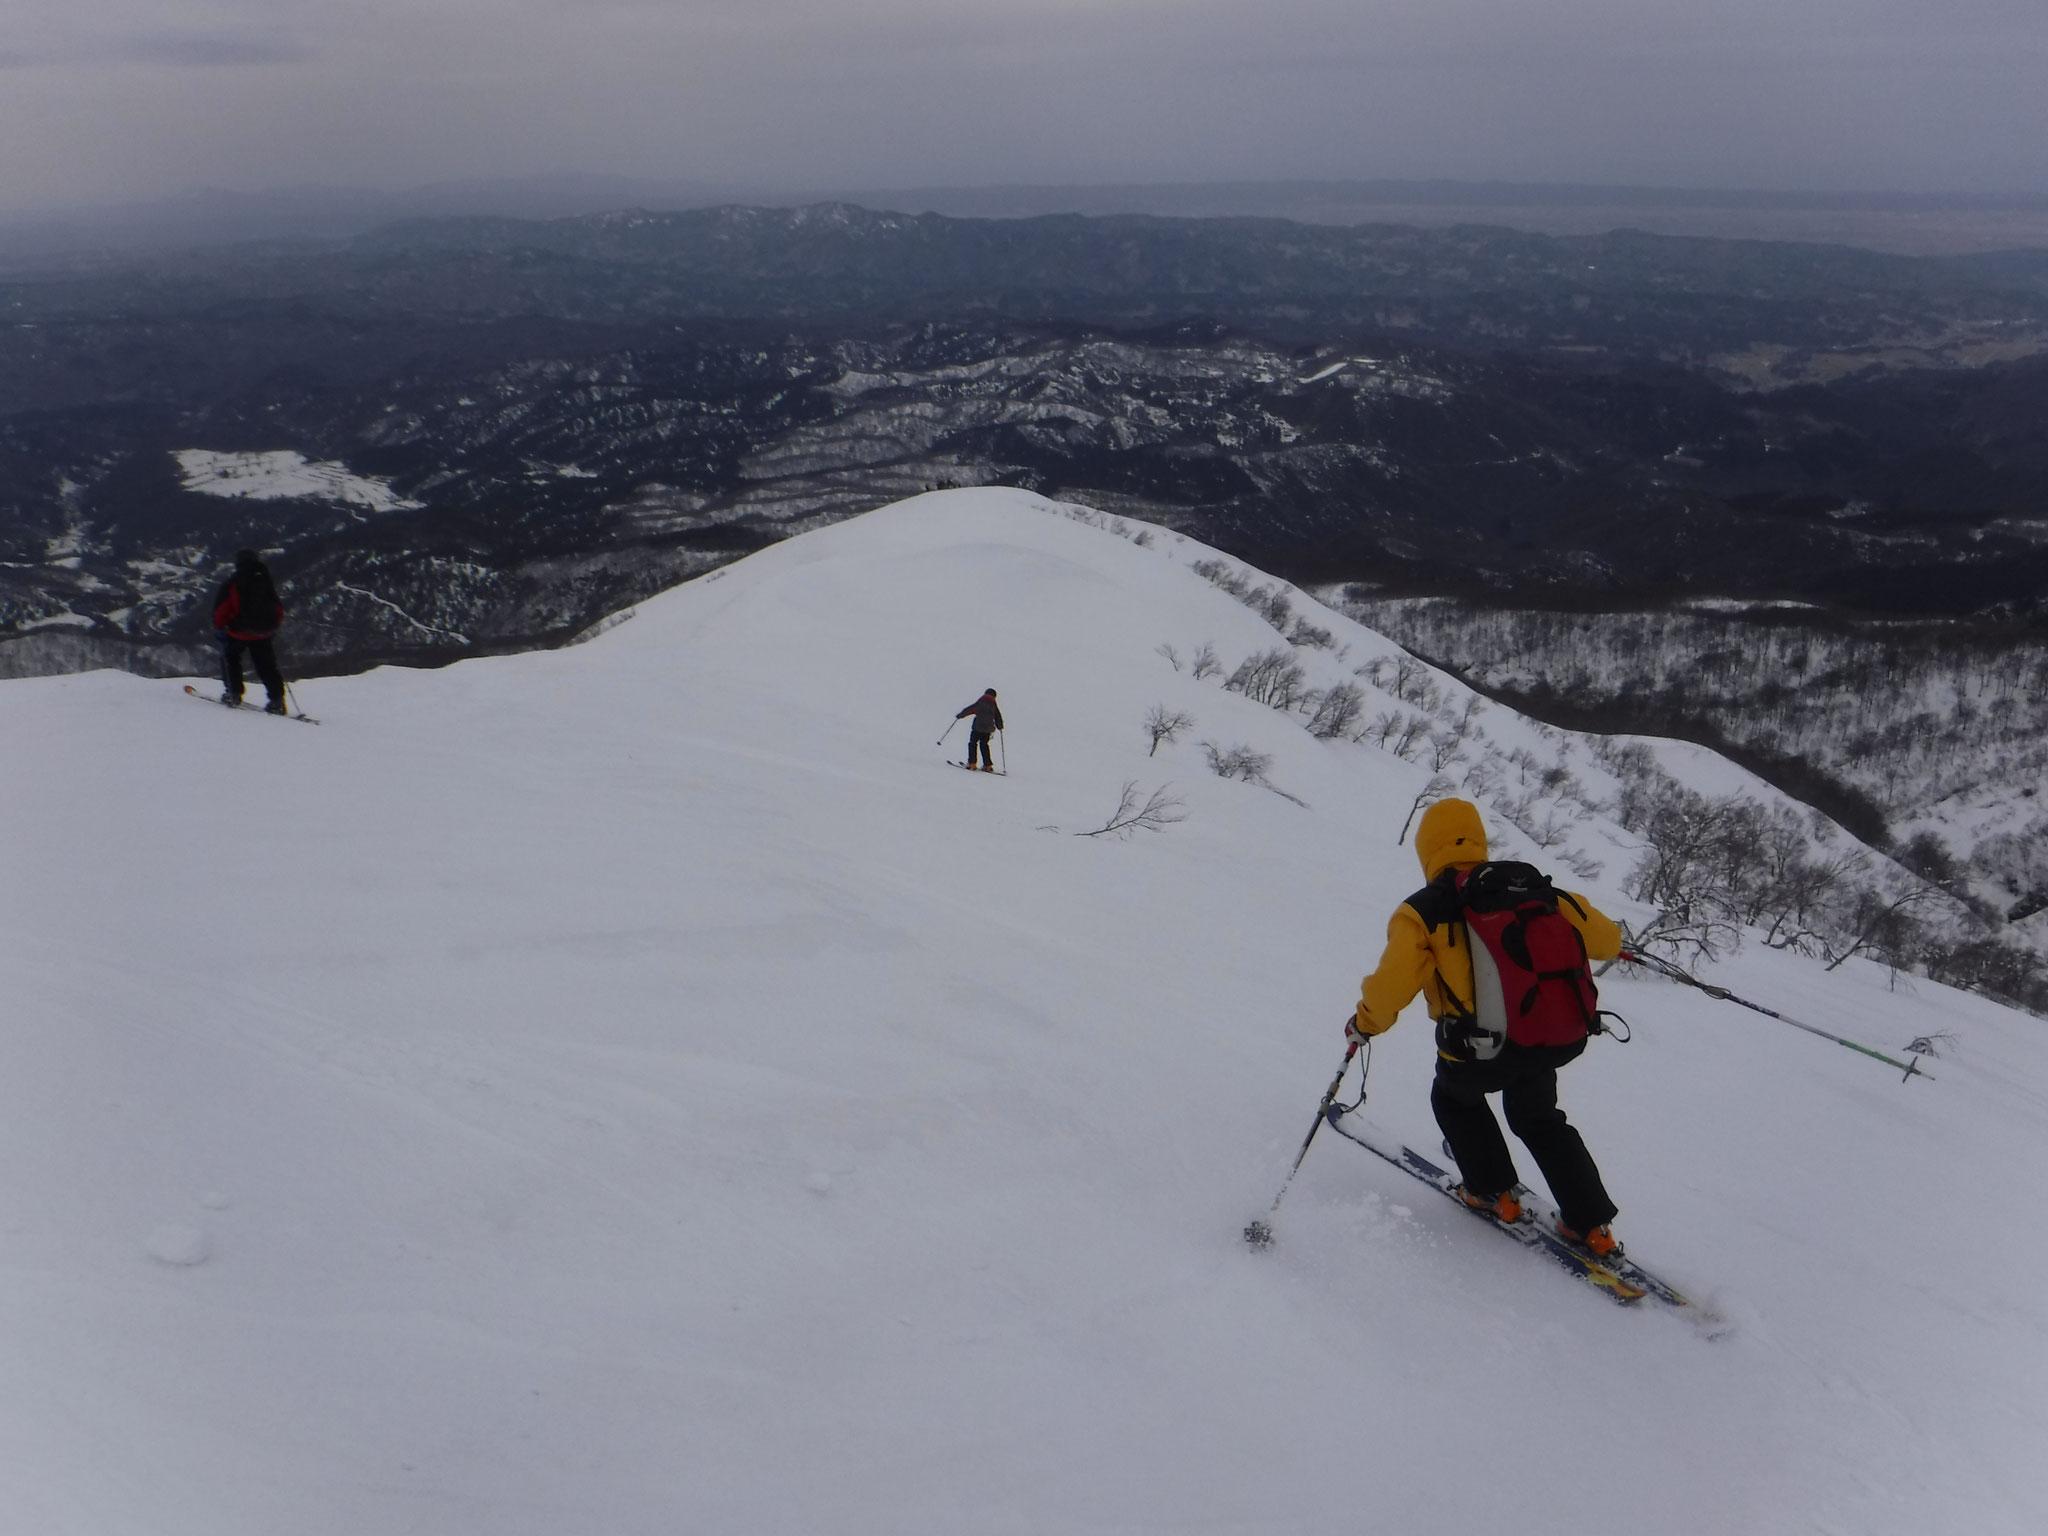 大岳からの滑降、下部は雪が重くなっていた